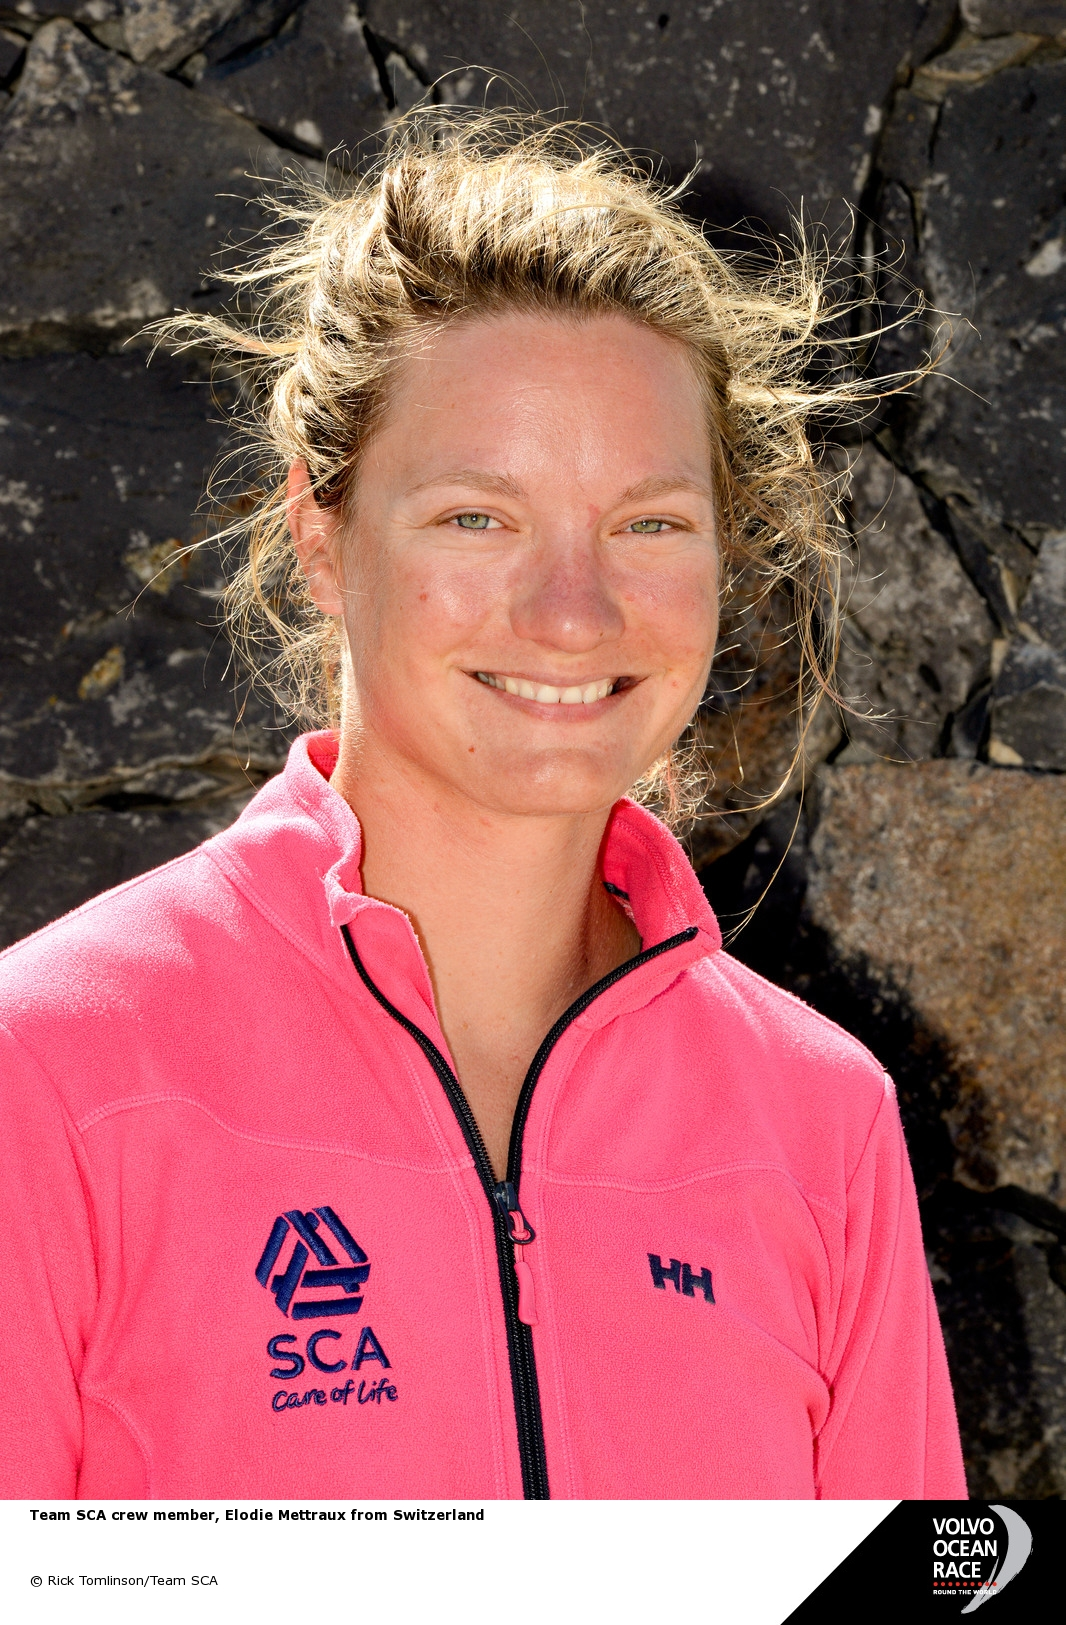 Elodie Mettraux SCA Crew Member by Rick Tomlinson/SCA/Volvo Ocean Race